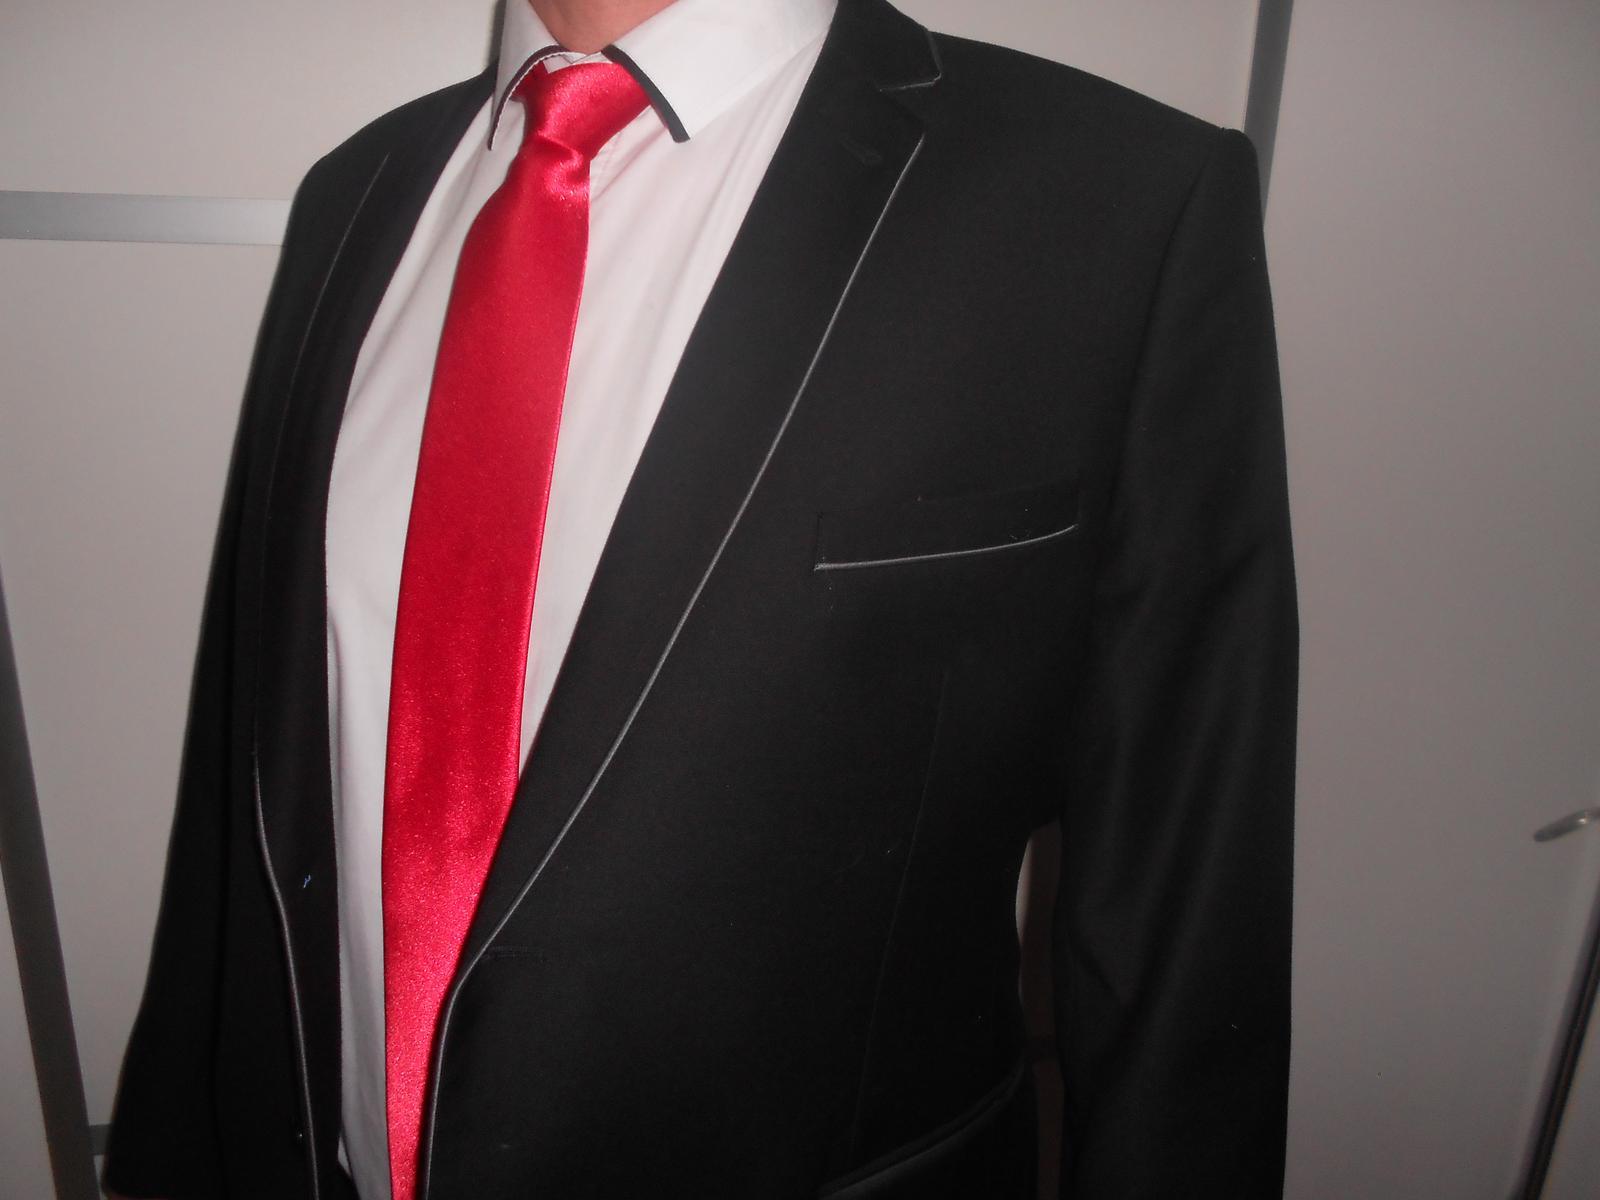 Pánsky oblek -slim - Obrázok č. 1